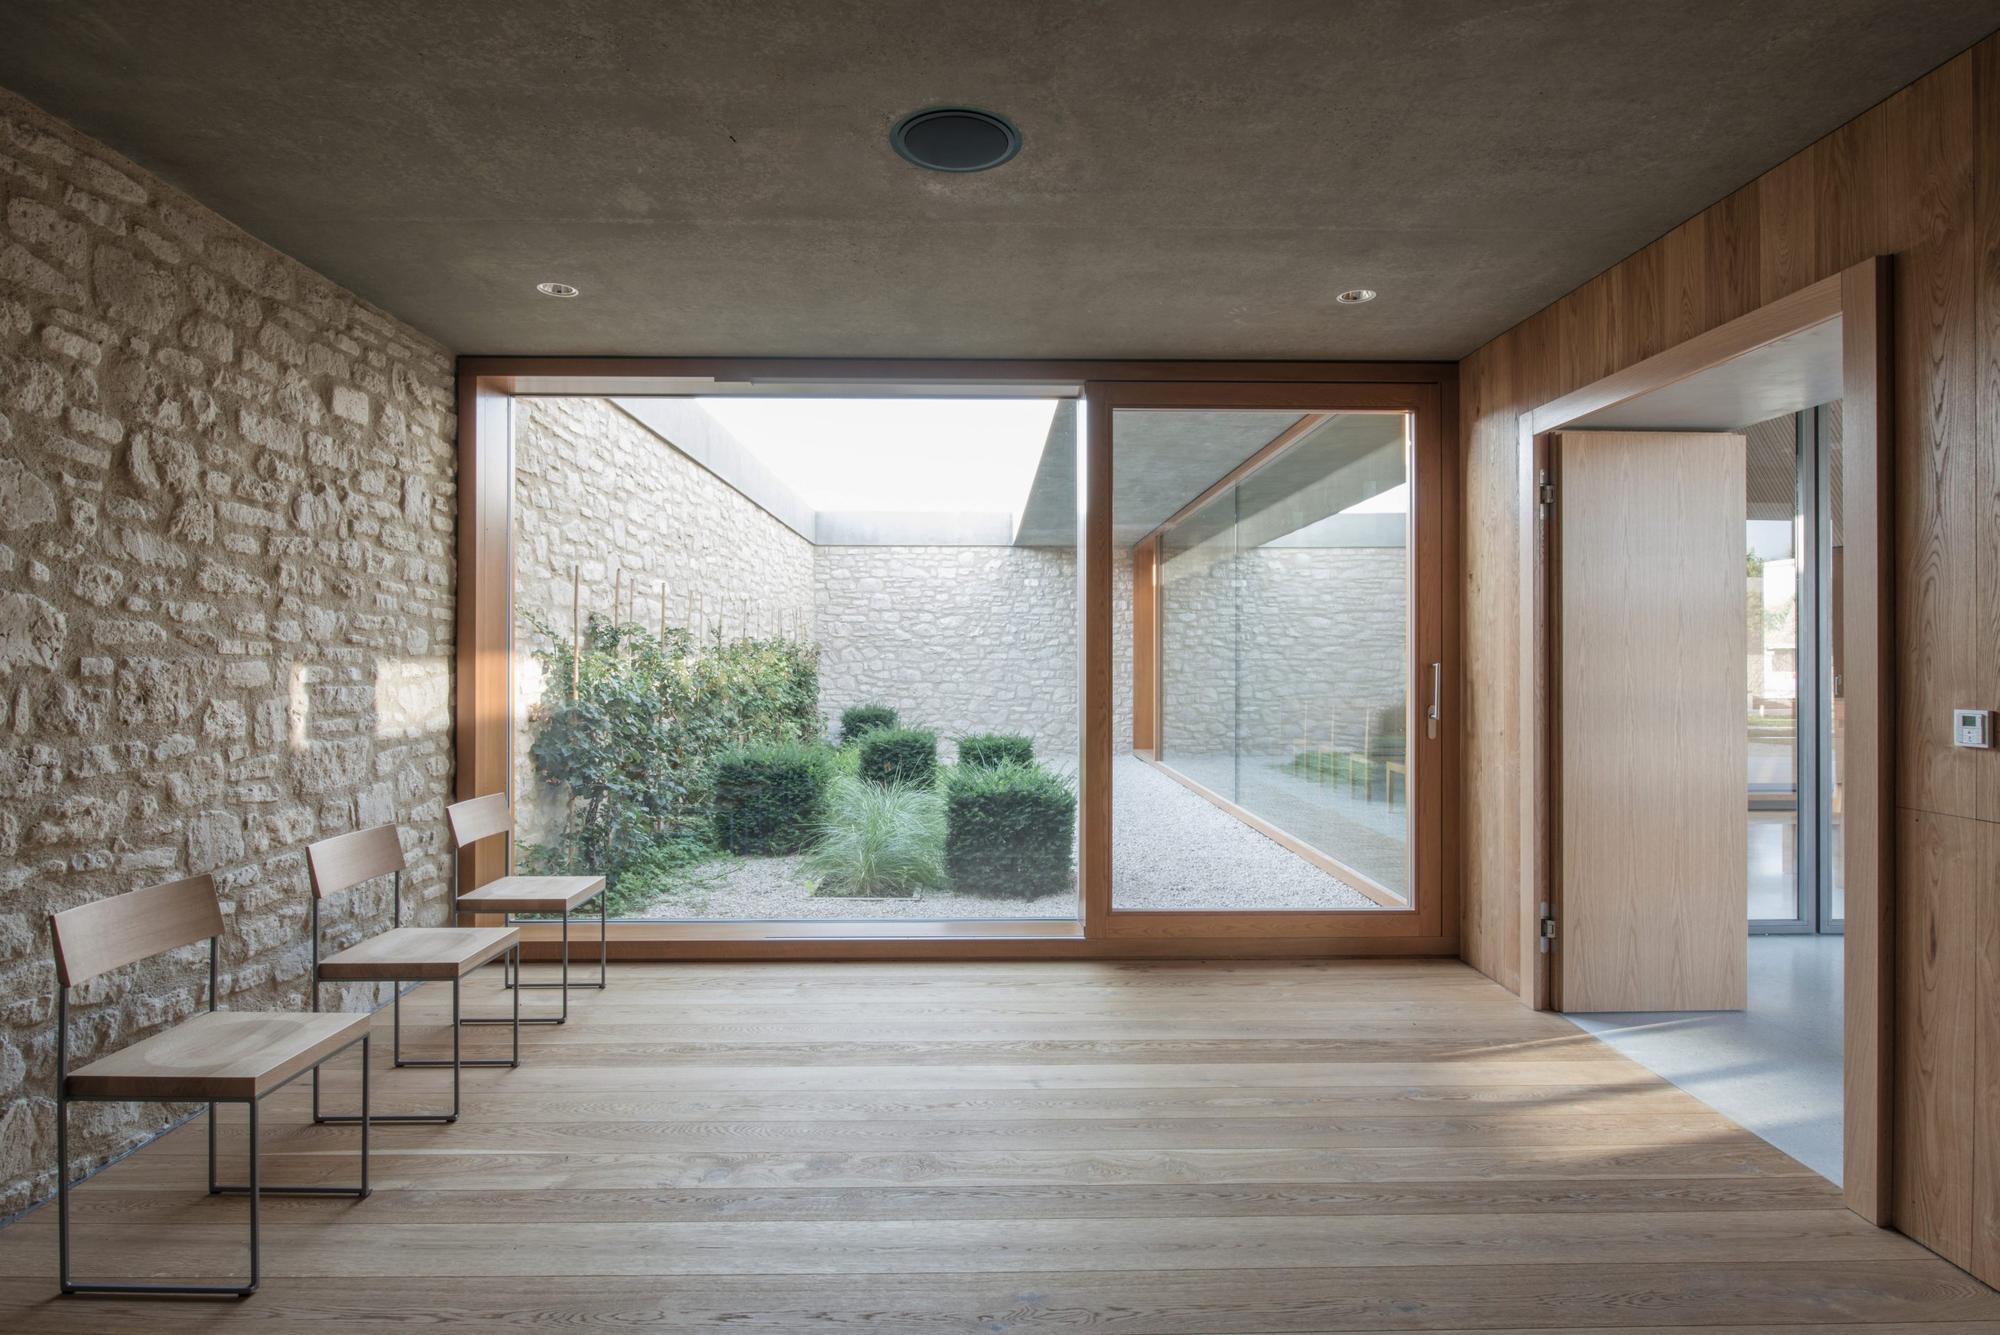 Gallery of Ingelheim Funeral Chapel / Bayer & Strobel Architekten - 13